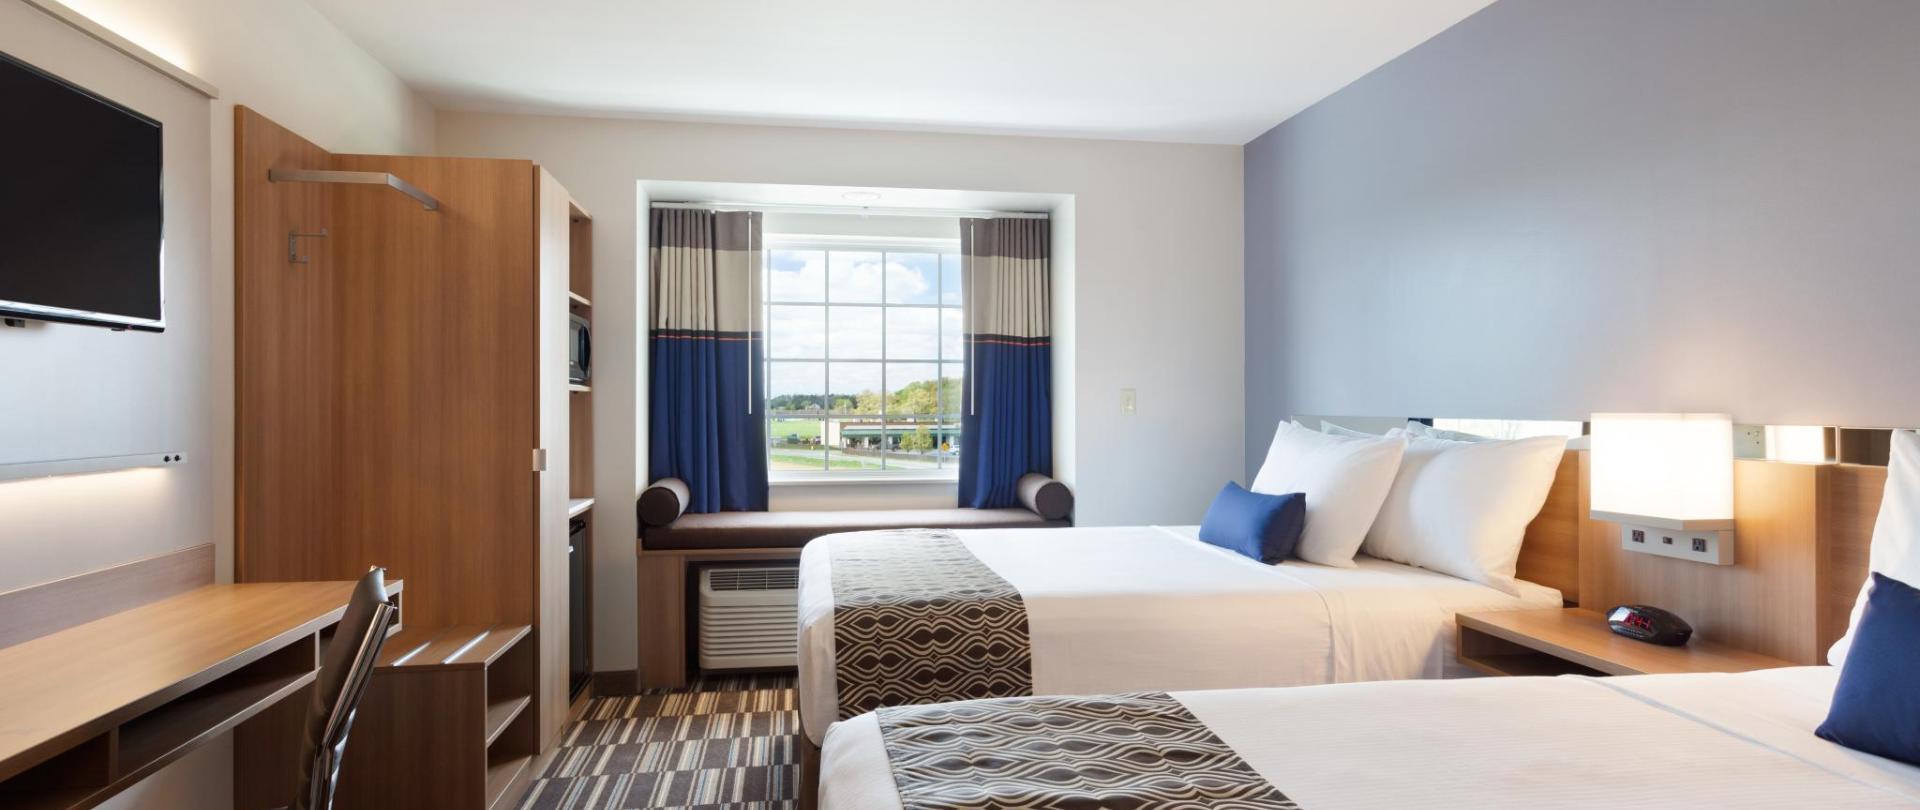 Double Queen Bed Hotel Room